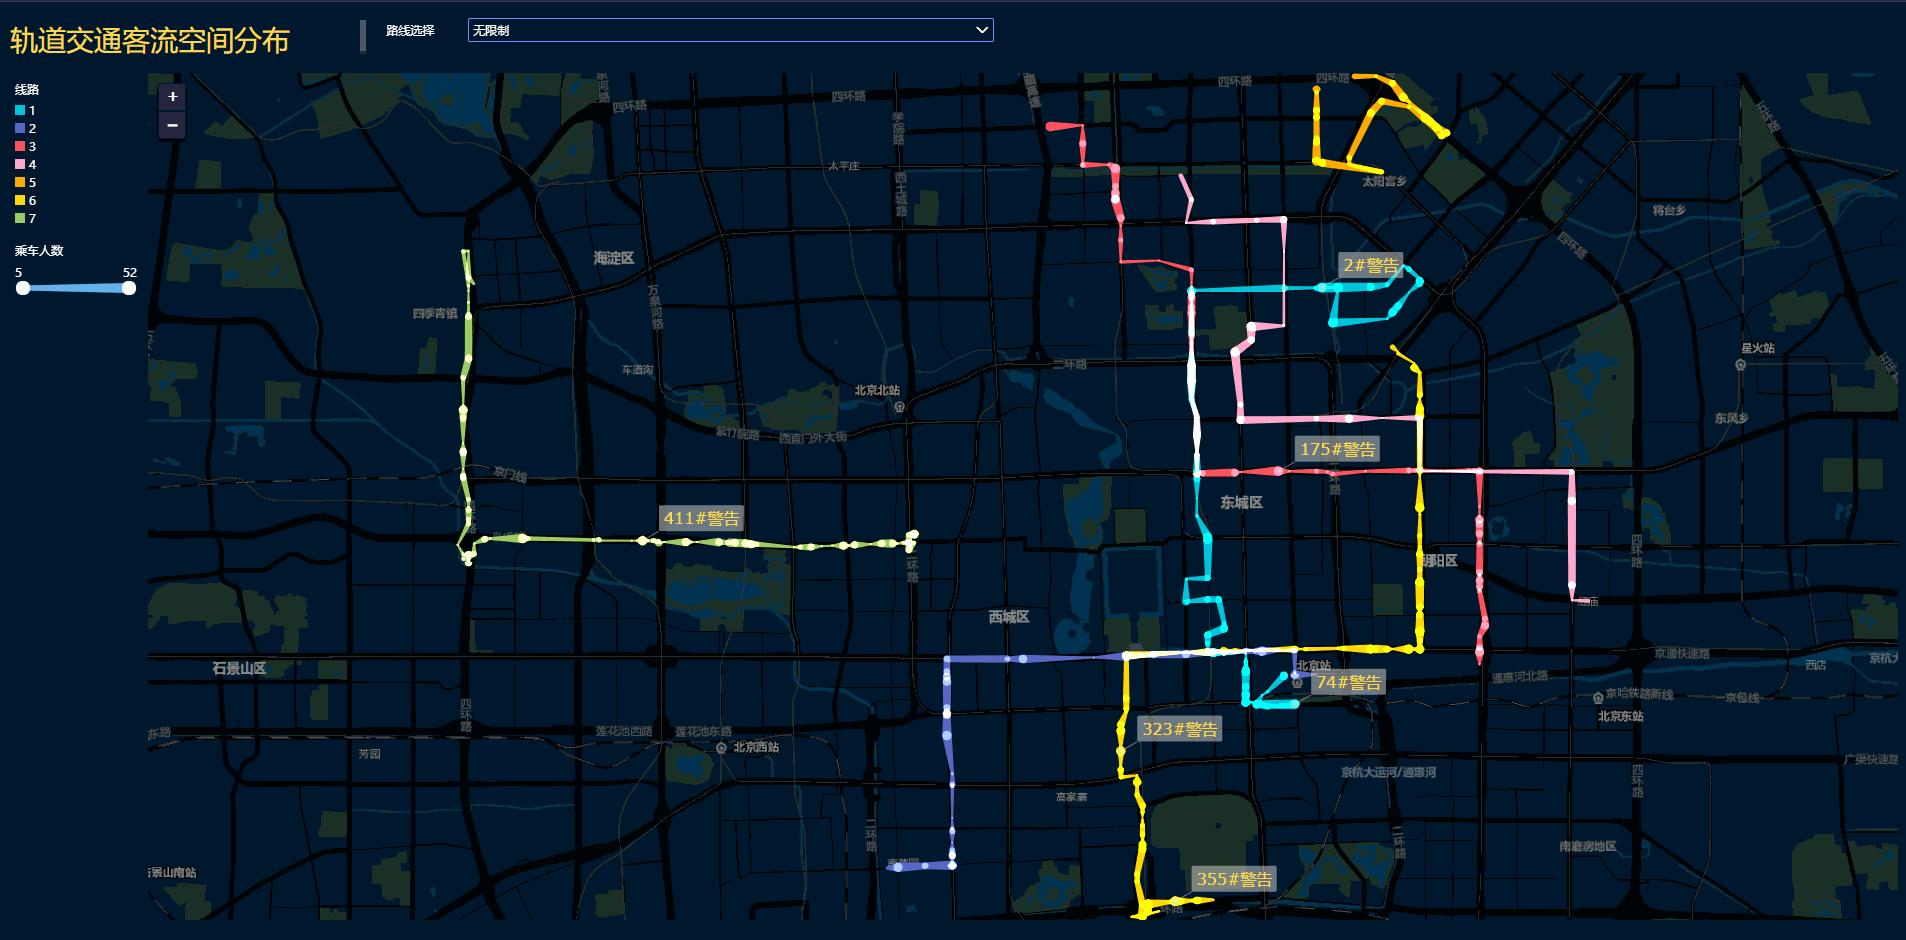 如何快速制作一张数据地图,收藏这10张模板就够了